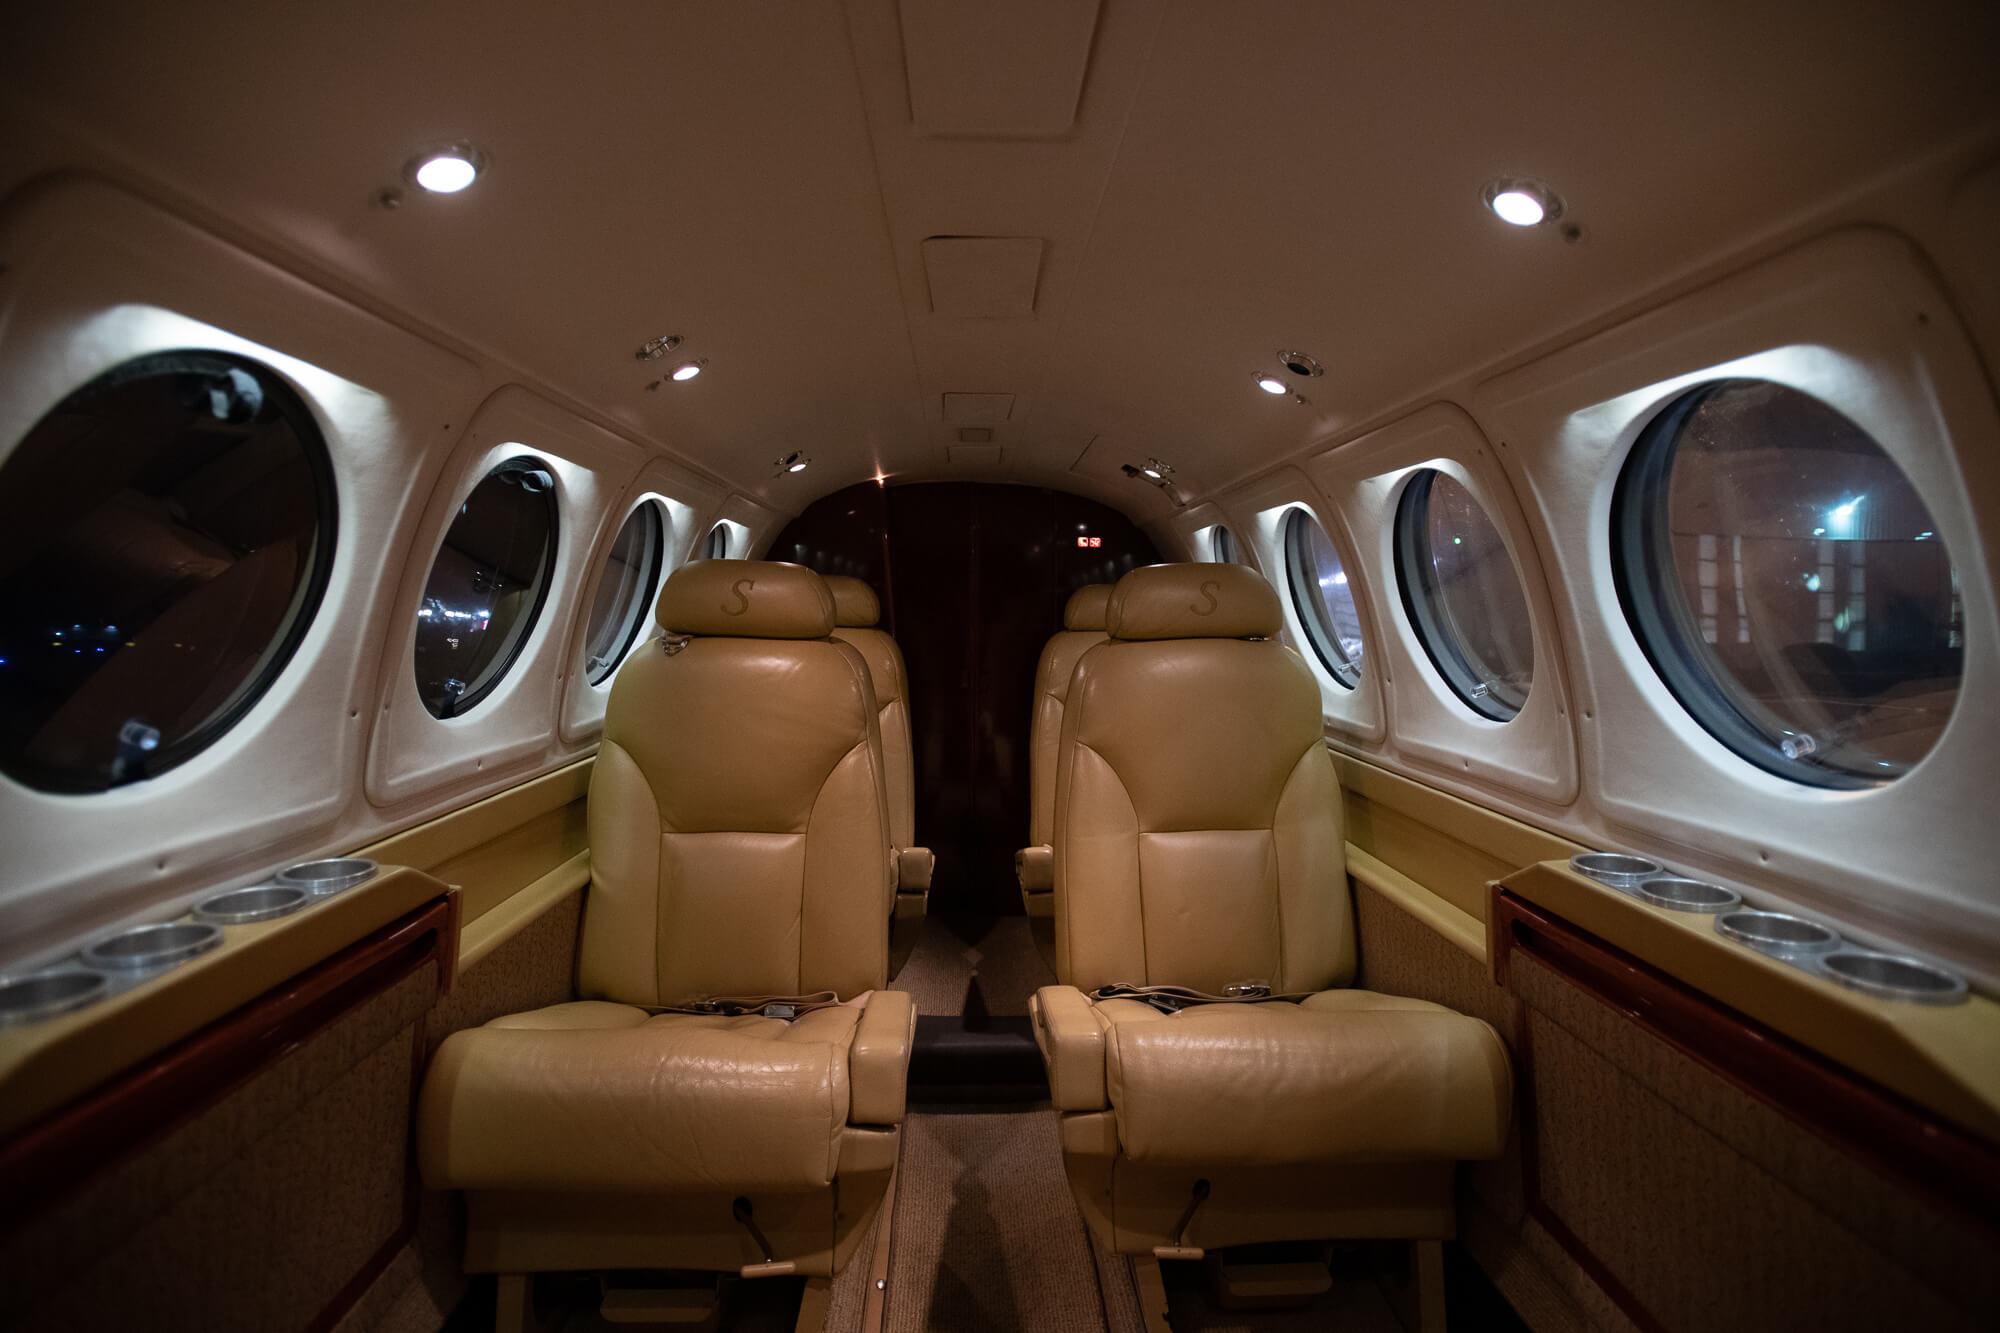 Interior of King Air